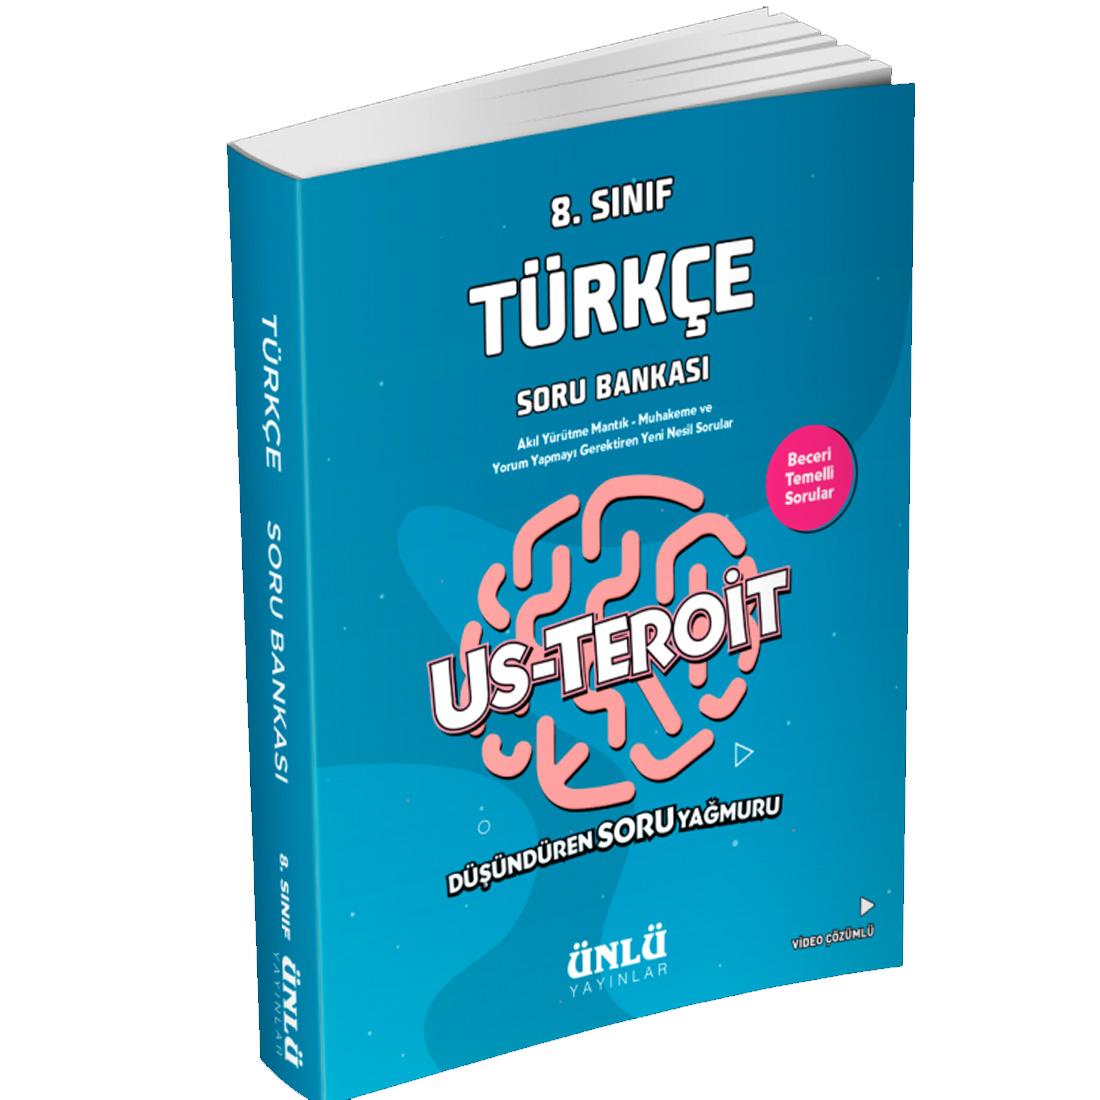 8. Sınıf Us Teroit Türkçe Soru Bankası Ünlü Yayınlar